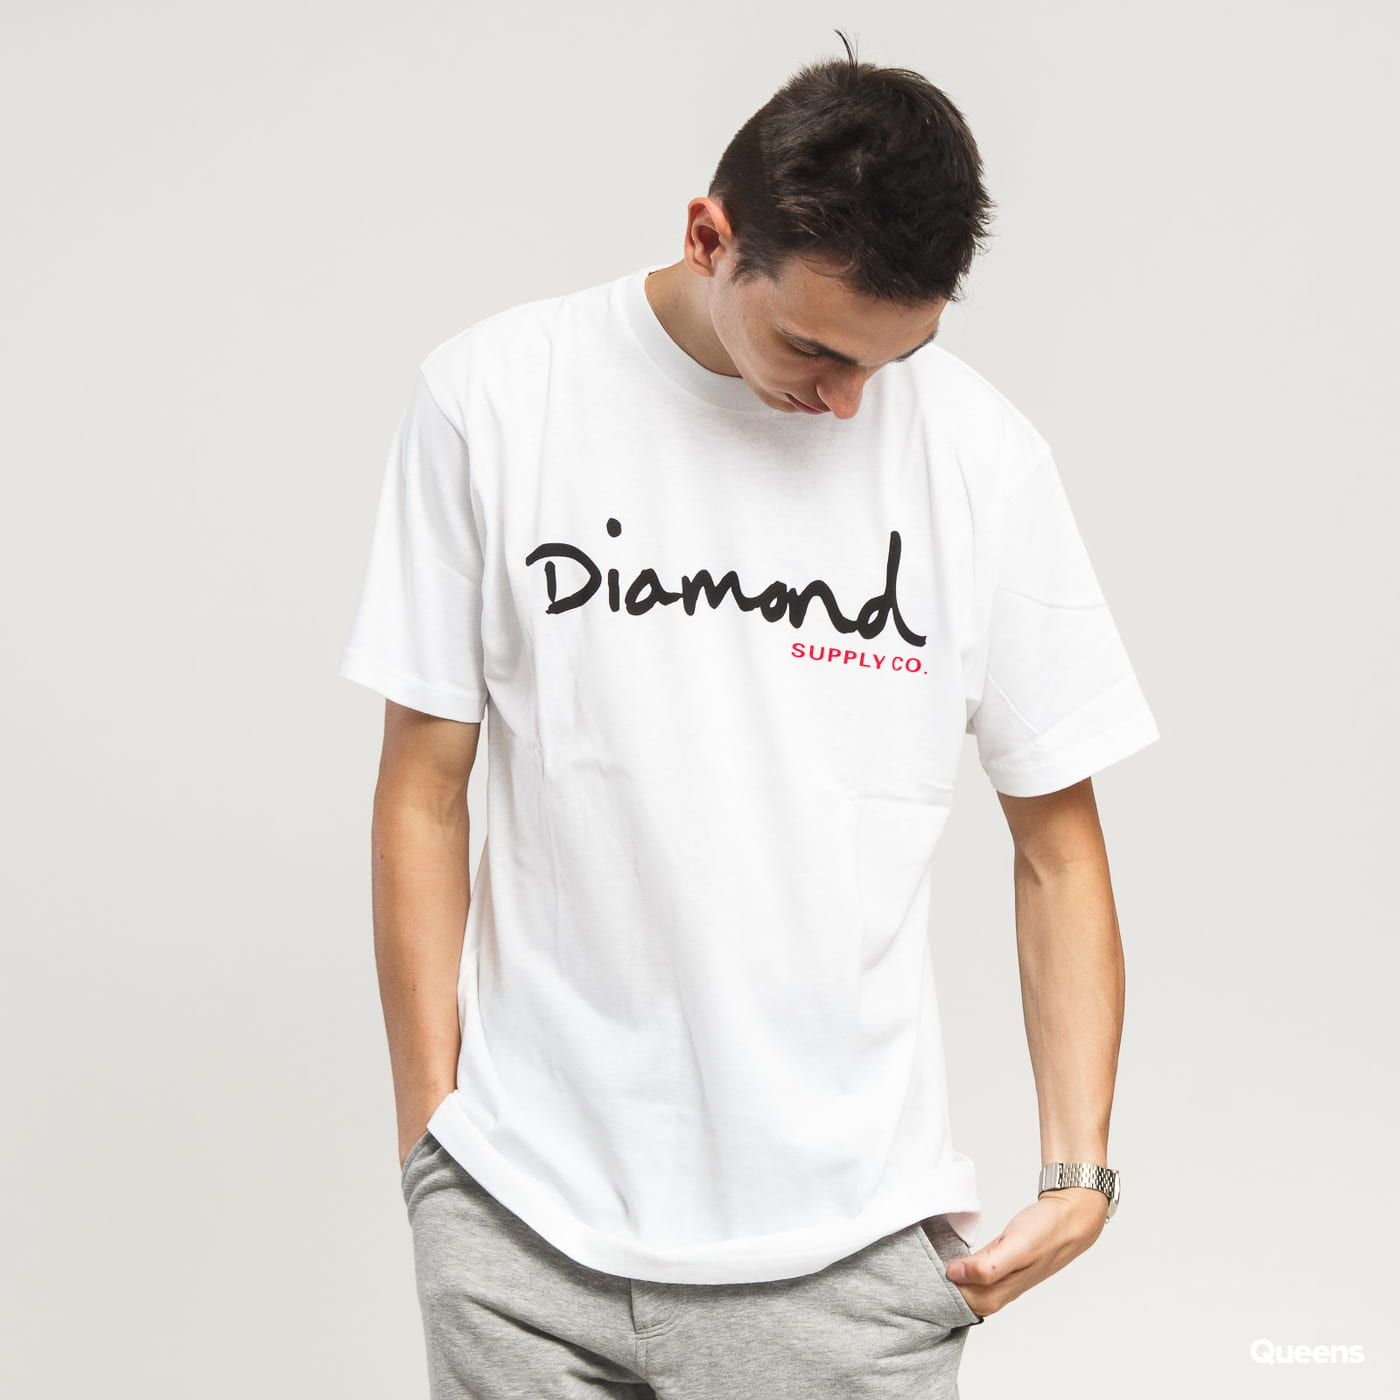 Diamond Supply Co. OG Script Tee white